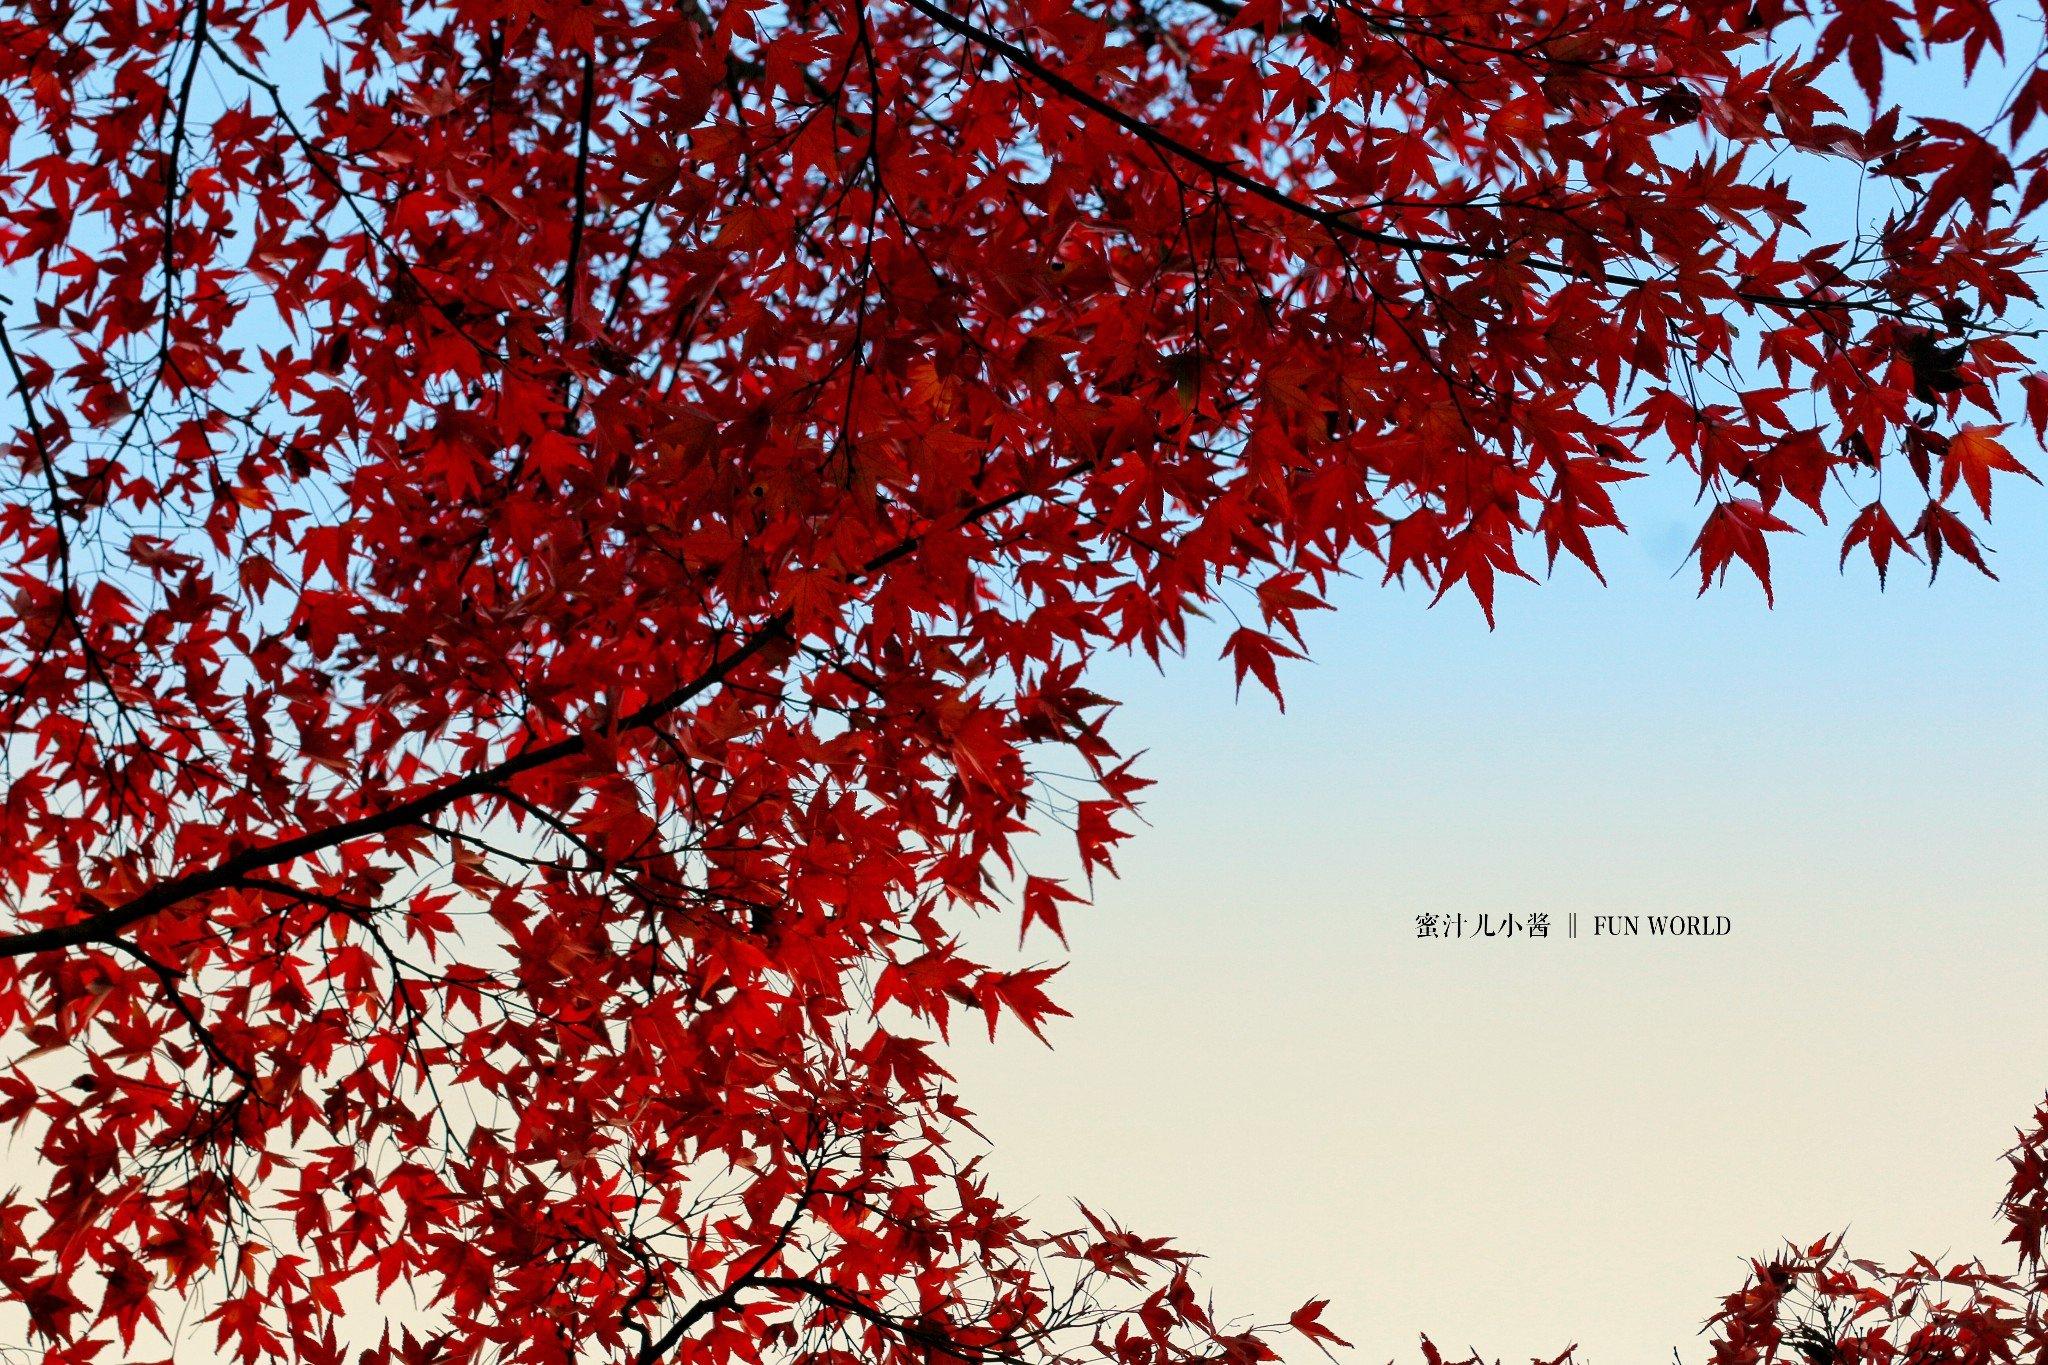 秋の霓虹枫叶季,东瀛红叶狩【蜜汁儿小酱Fun世界】京都赏枫· 附拍照Tips